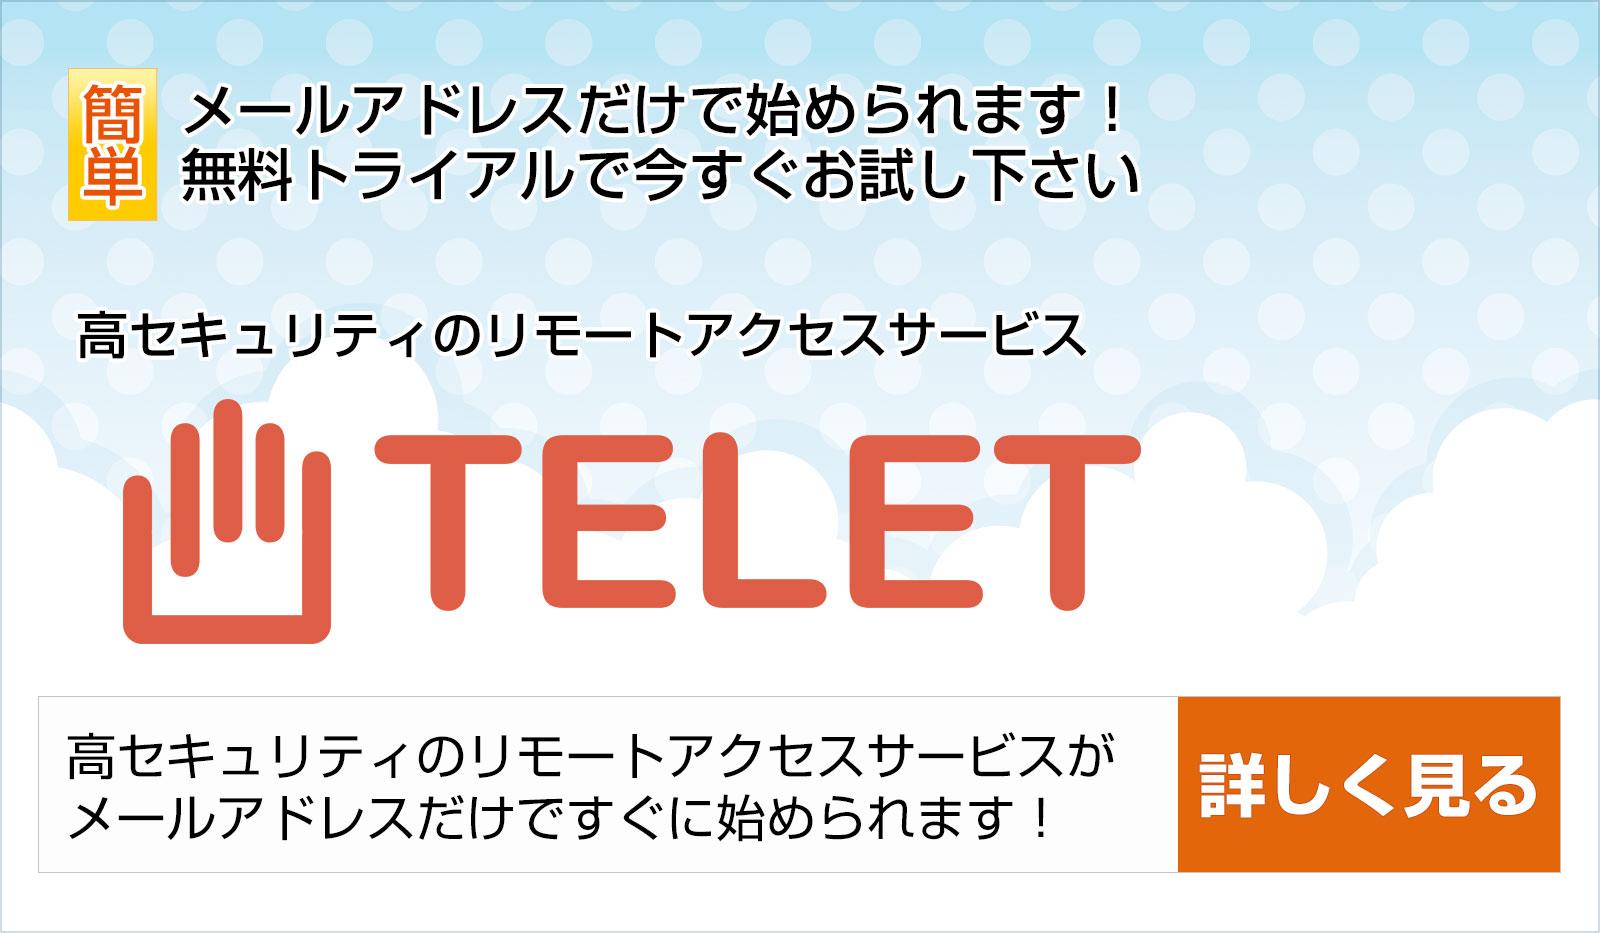 teletホームページへ